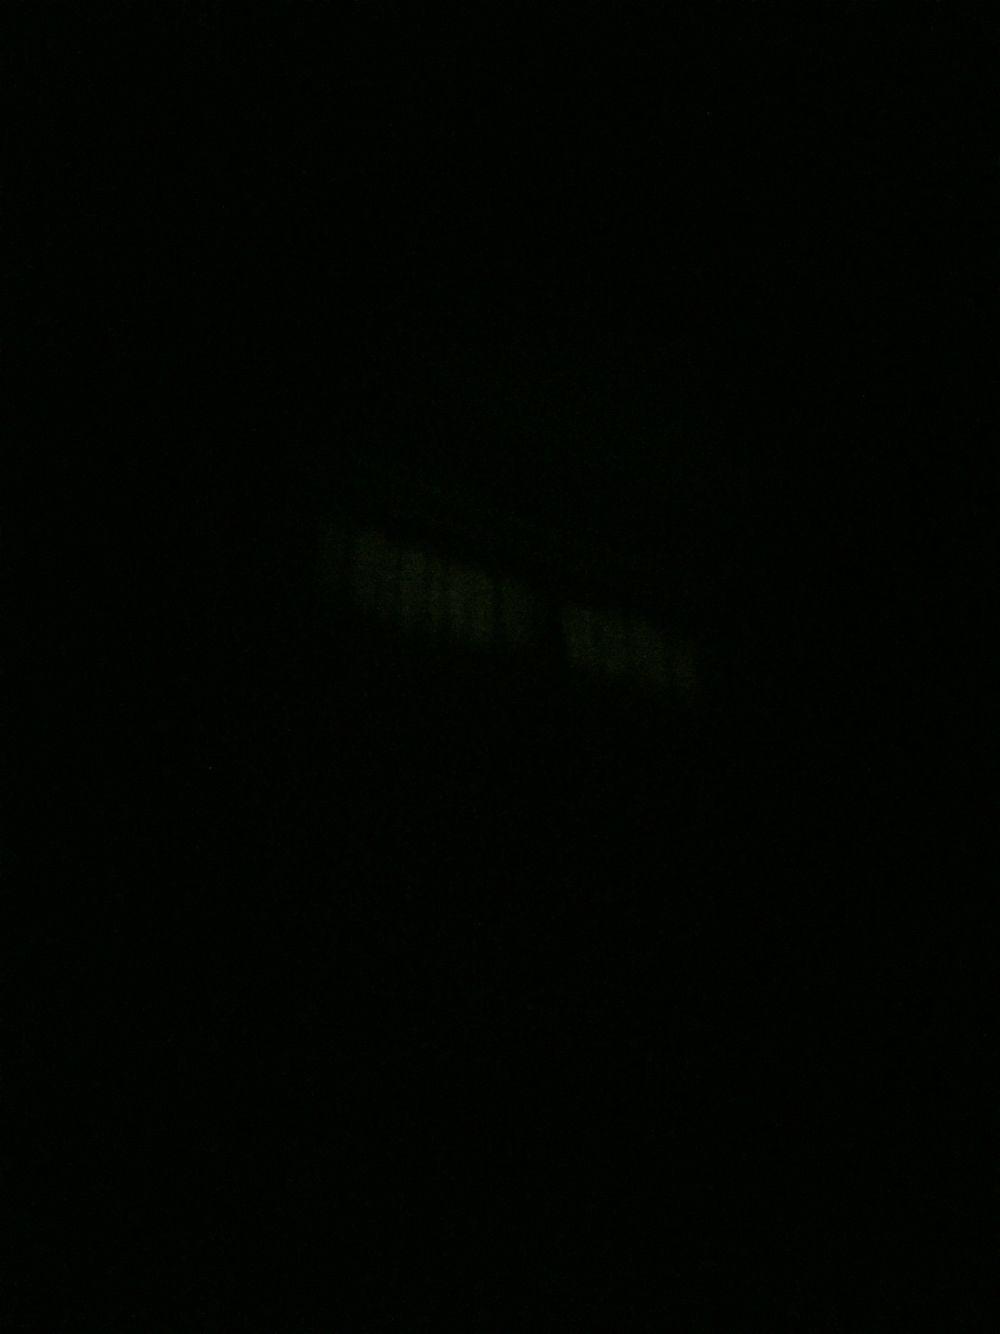 4: Dark